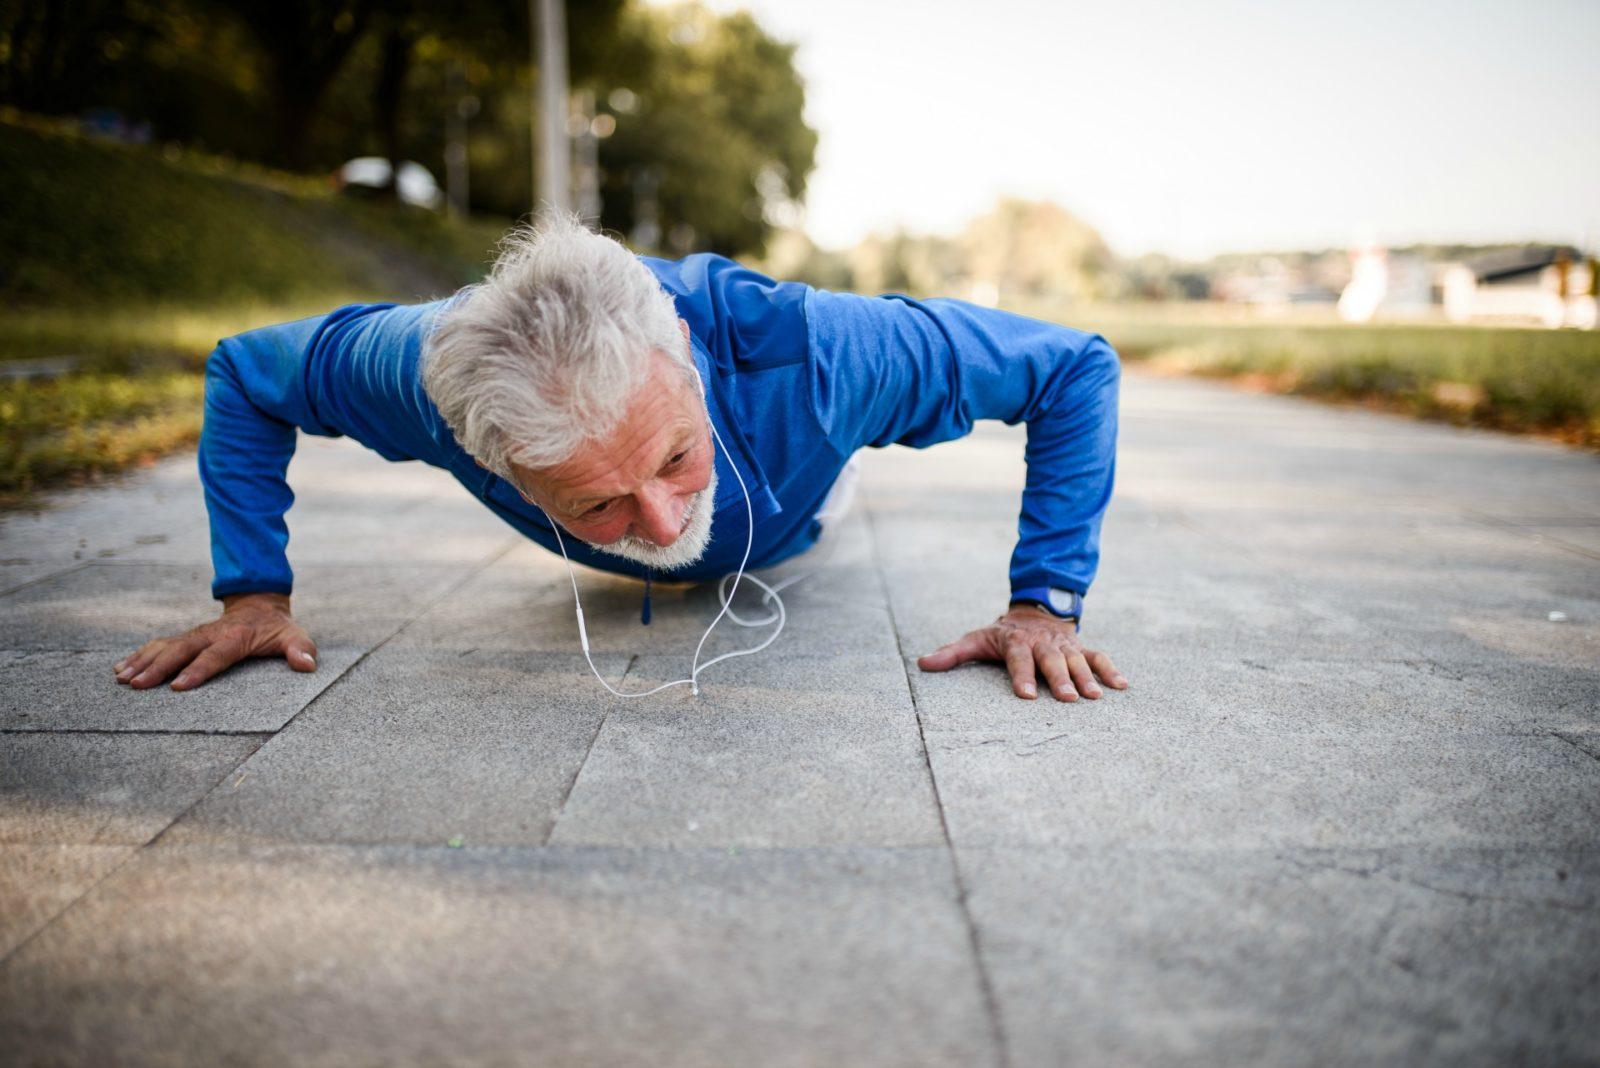 man push-ups